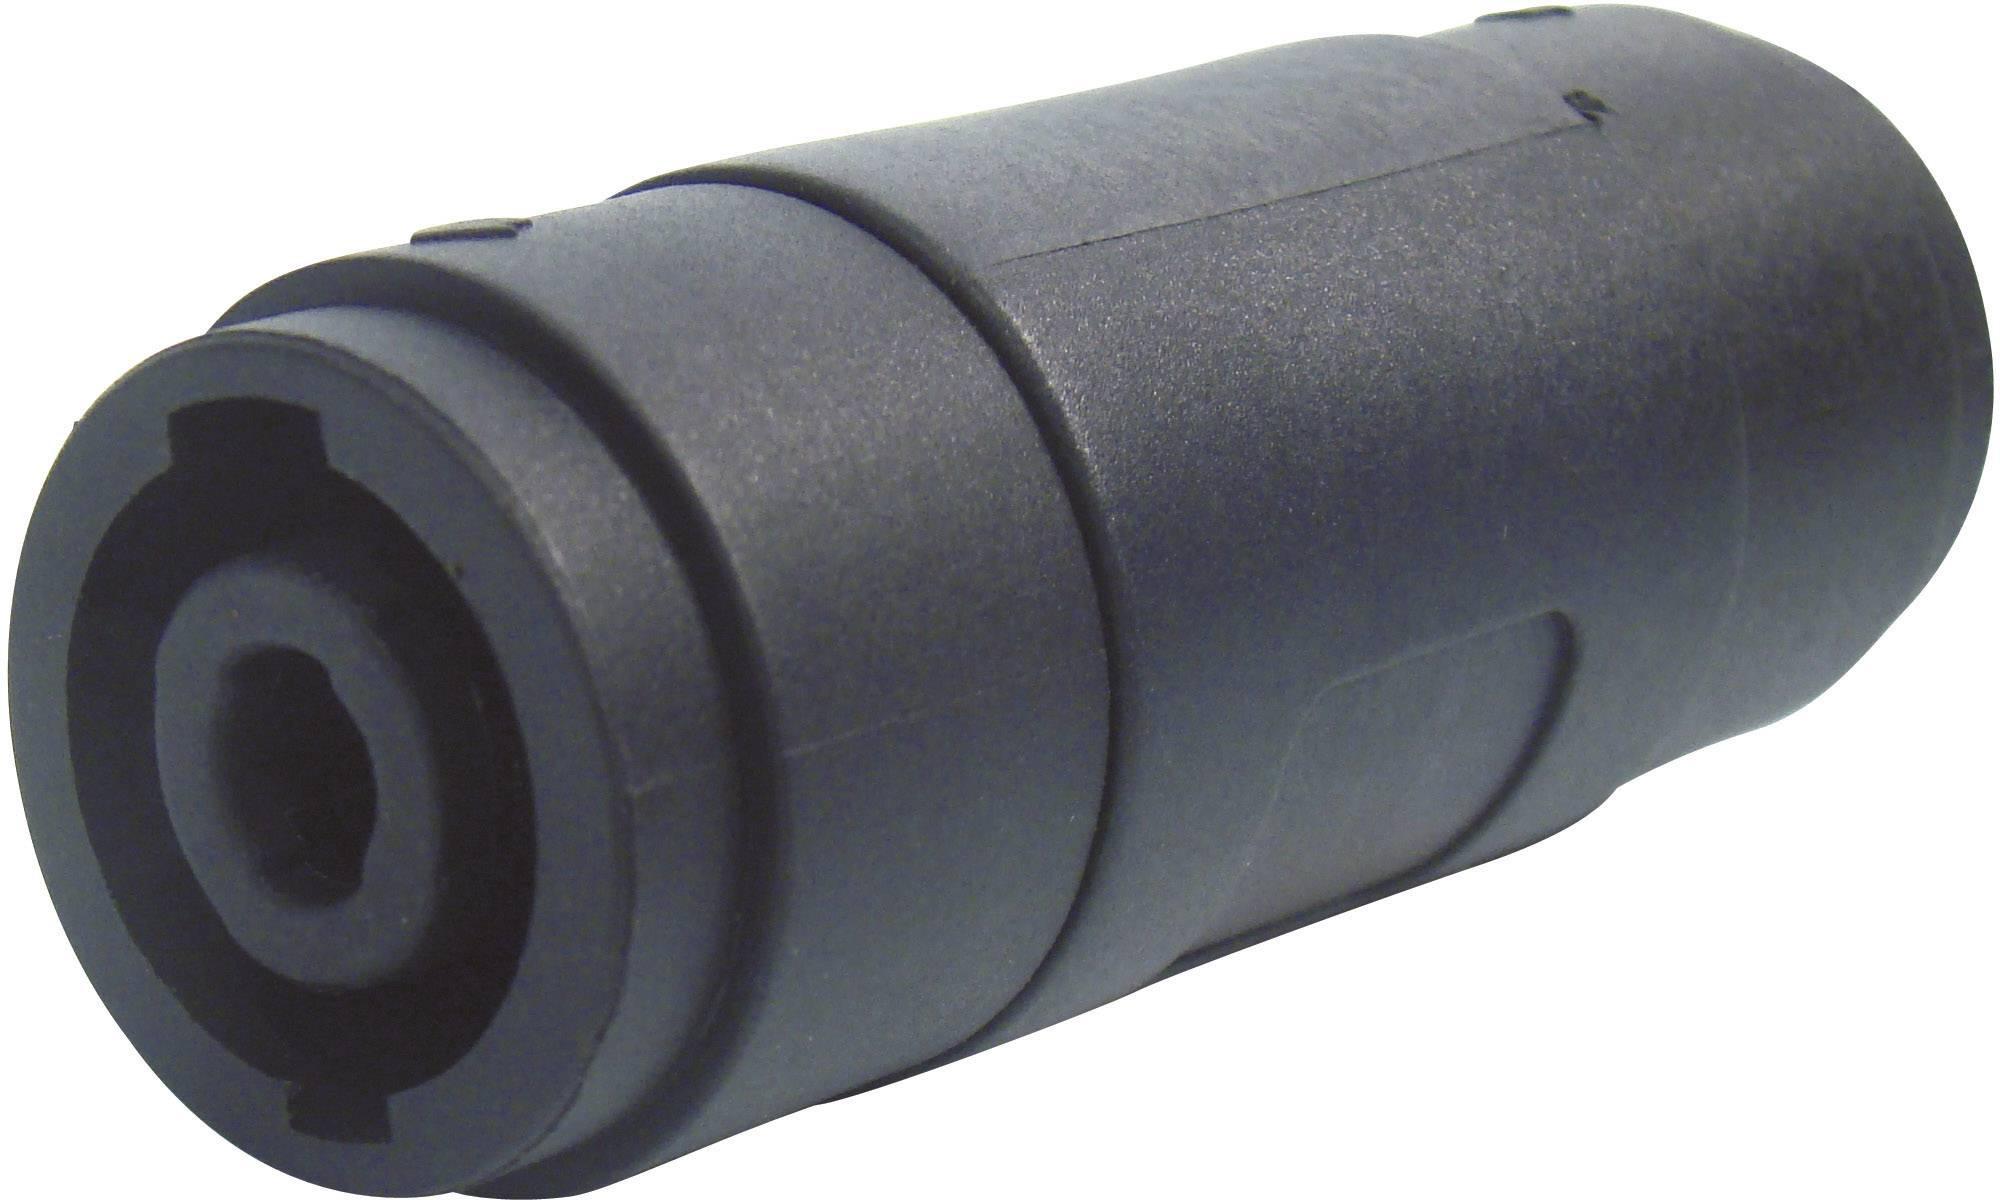 Adaptér Paccs HFA1143 [1x Speakon zásuvka - 1x Speakon zásuvka], černá